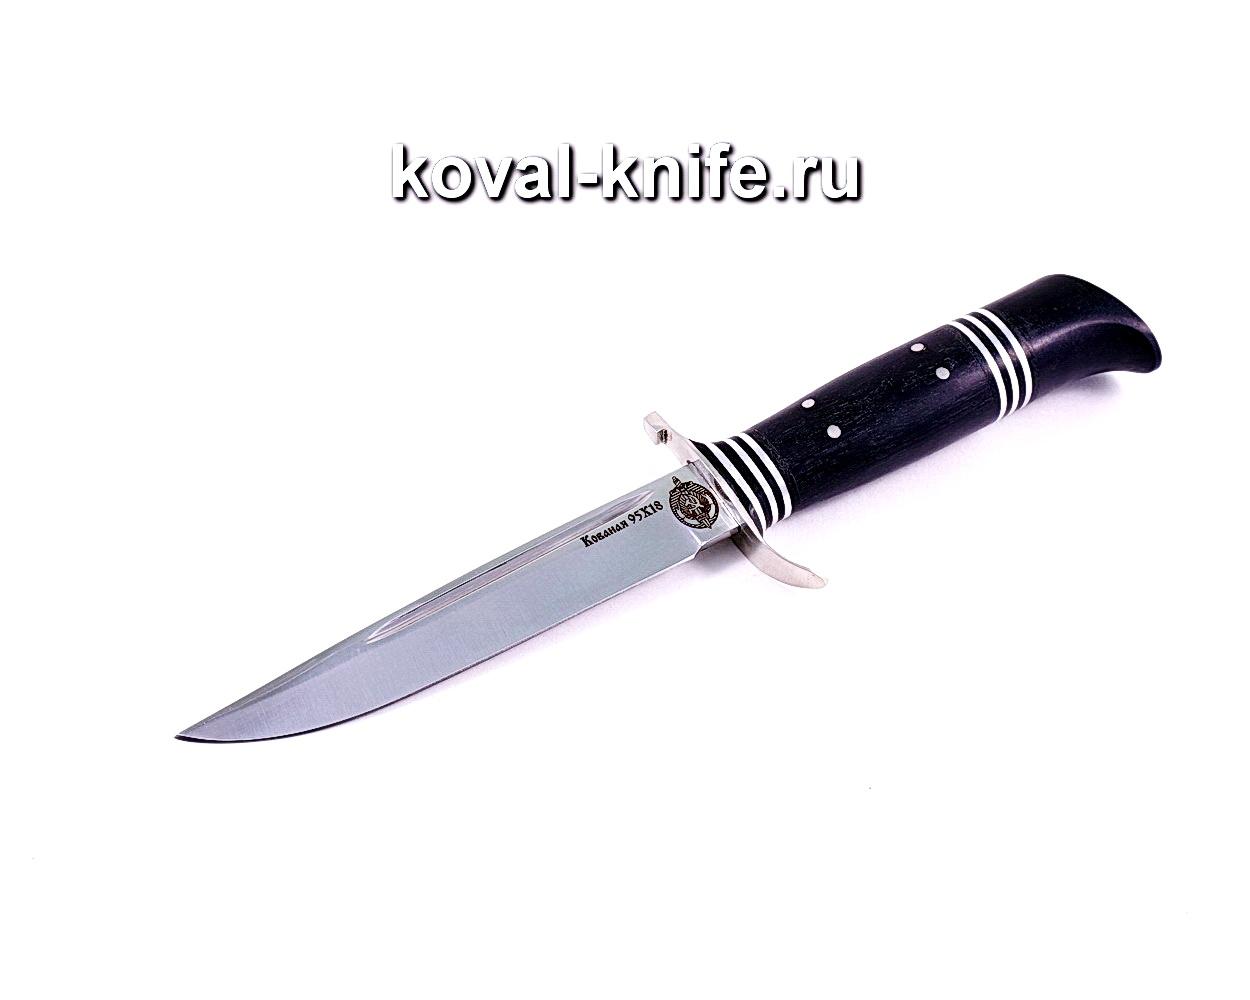 Нож Финка (сталь 95х18), рукоять граб, литье A115